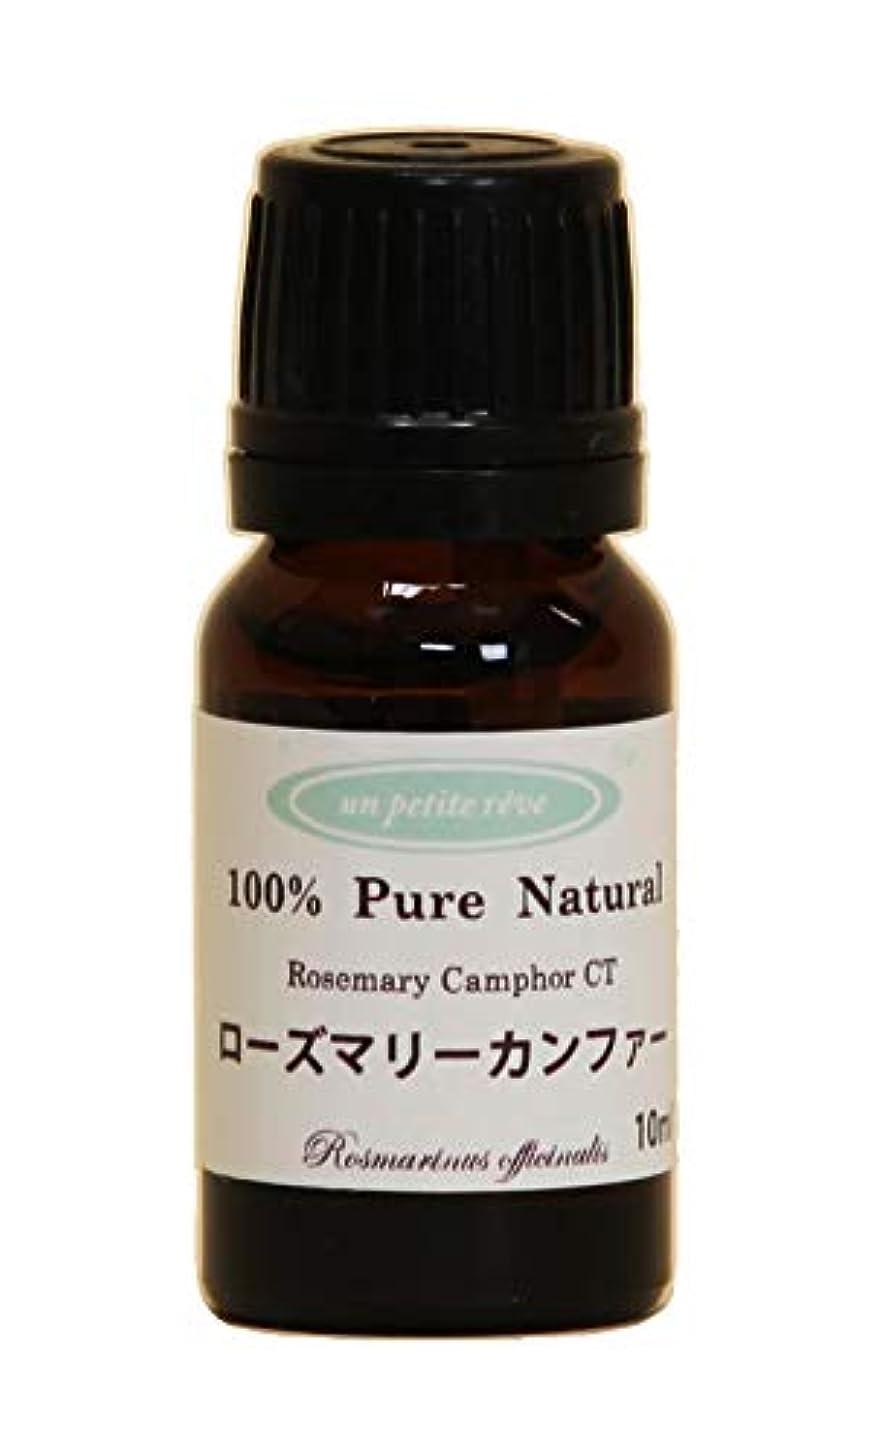 インチ群れ不愉快ローズマリーカンファー  10ml 100%天然アロマエッセンシャルオイル(精油)